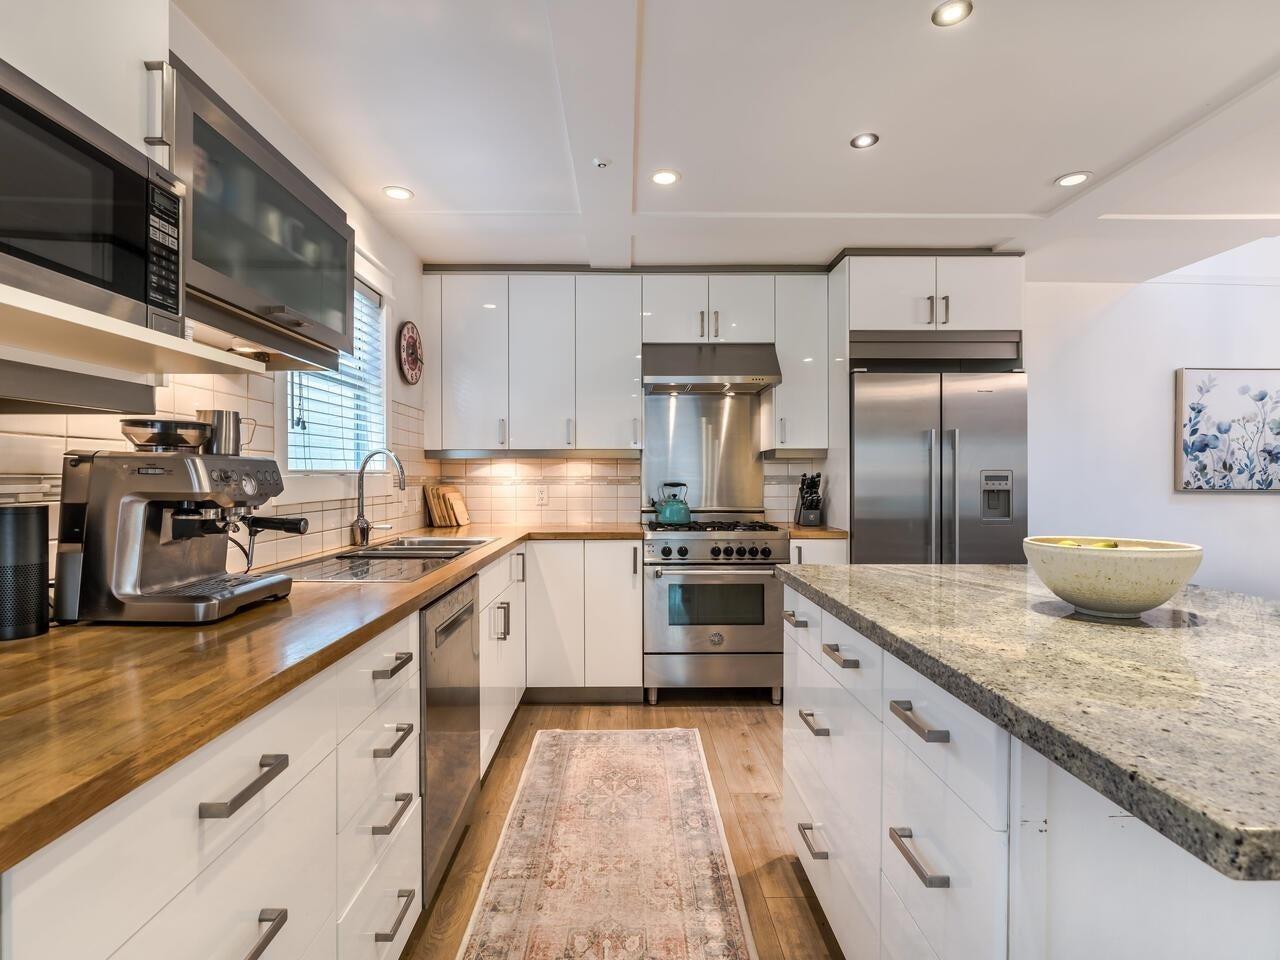 1231 E 11TH AVENUE - Mount Pleasant VE 1/2 Duplex for sale, 3 Bedrooms (R2625828) - #5